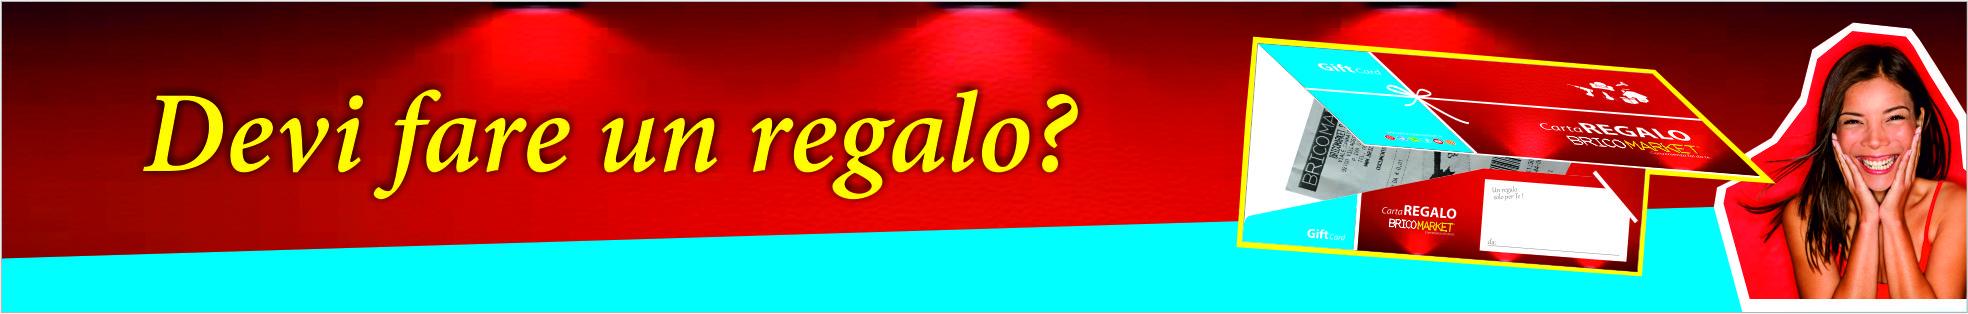 CARTA REGALO - GIFT CARD